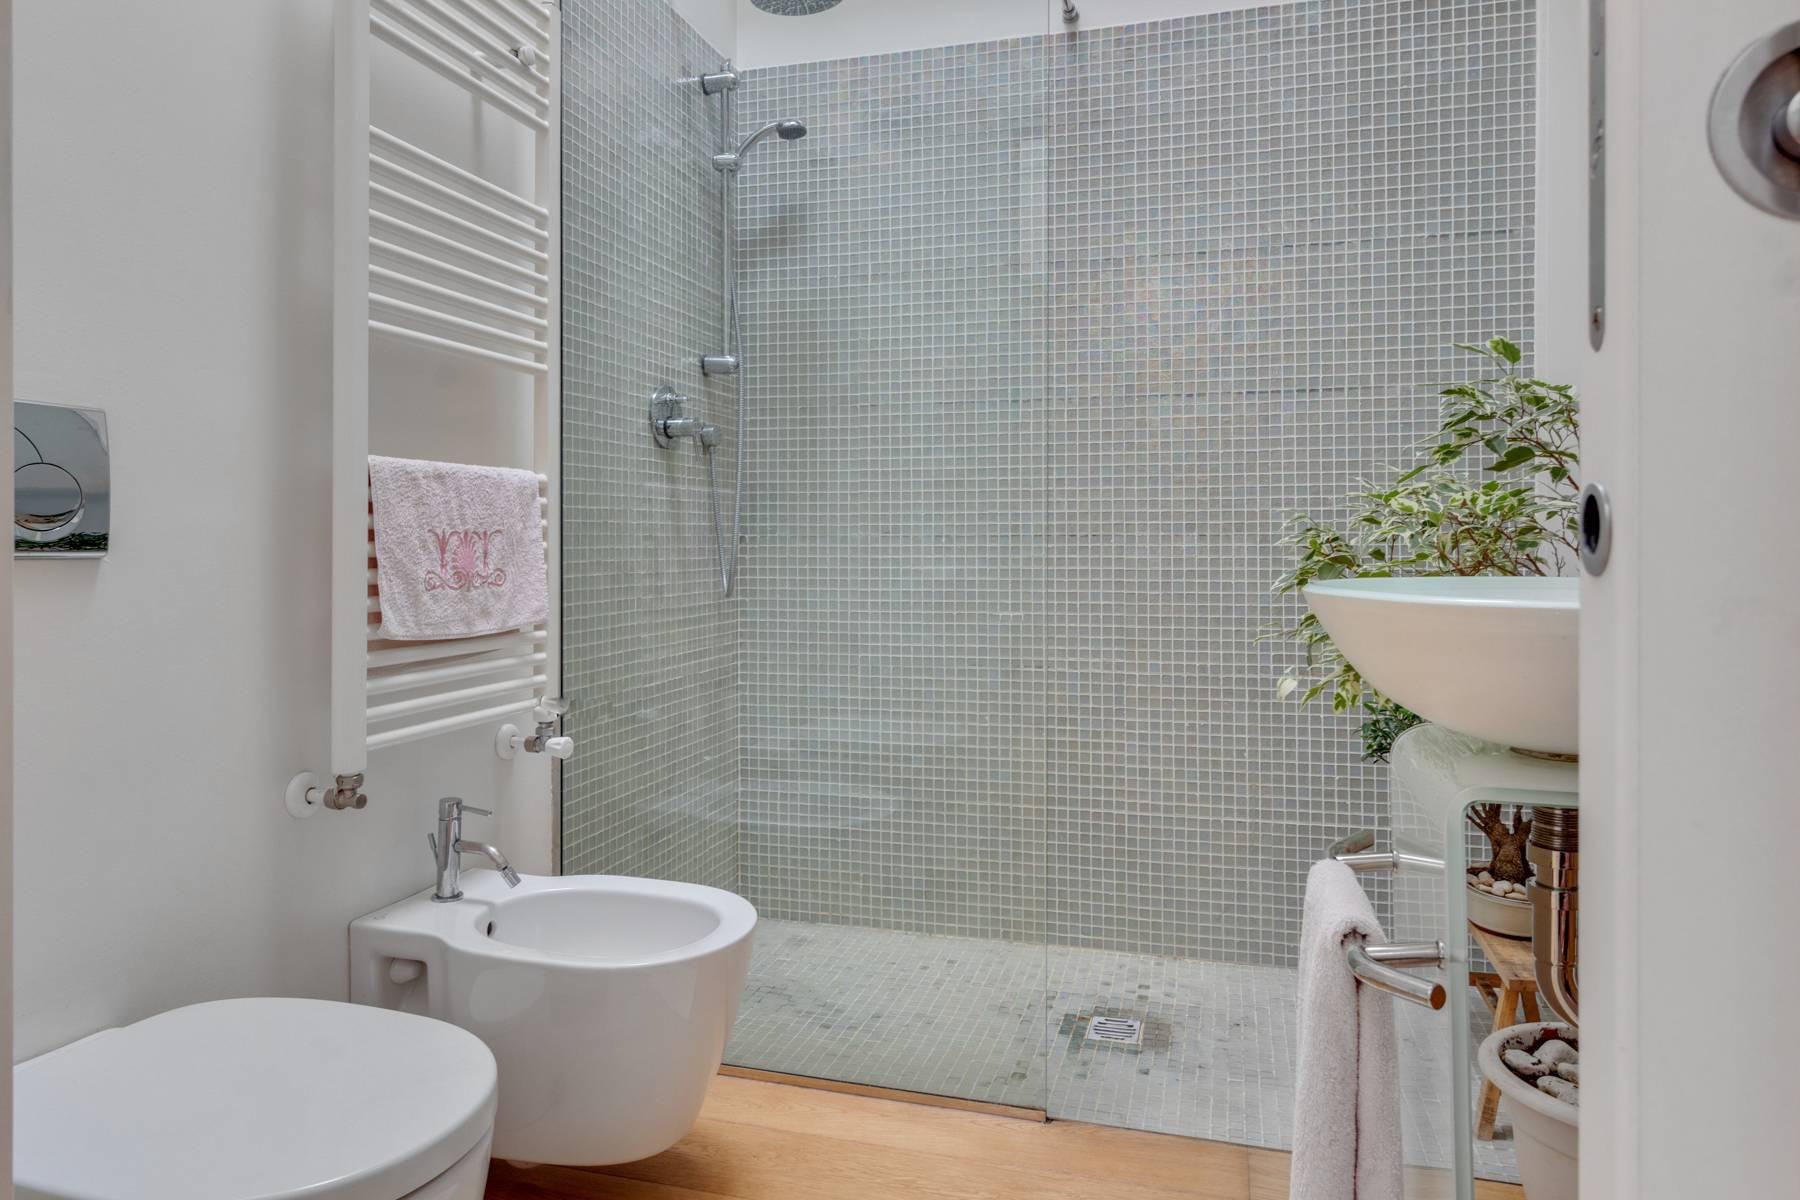 Appartamento in Vendita a Torino: 3 locali, 70 mq - Foto 8